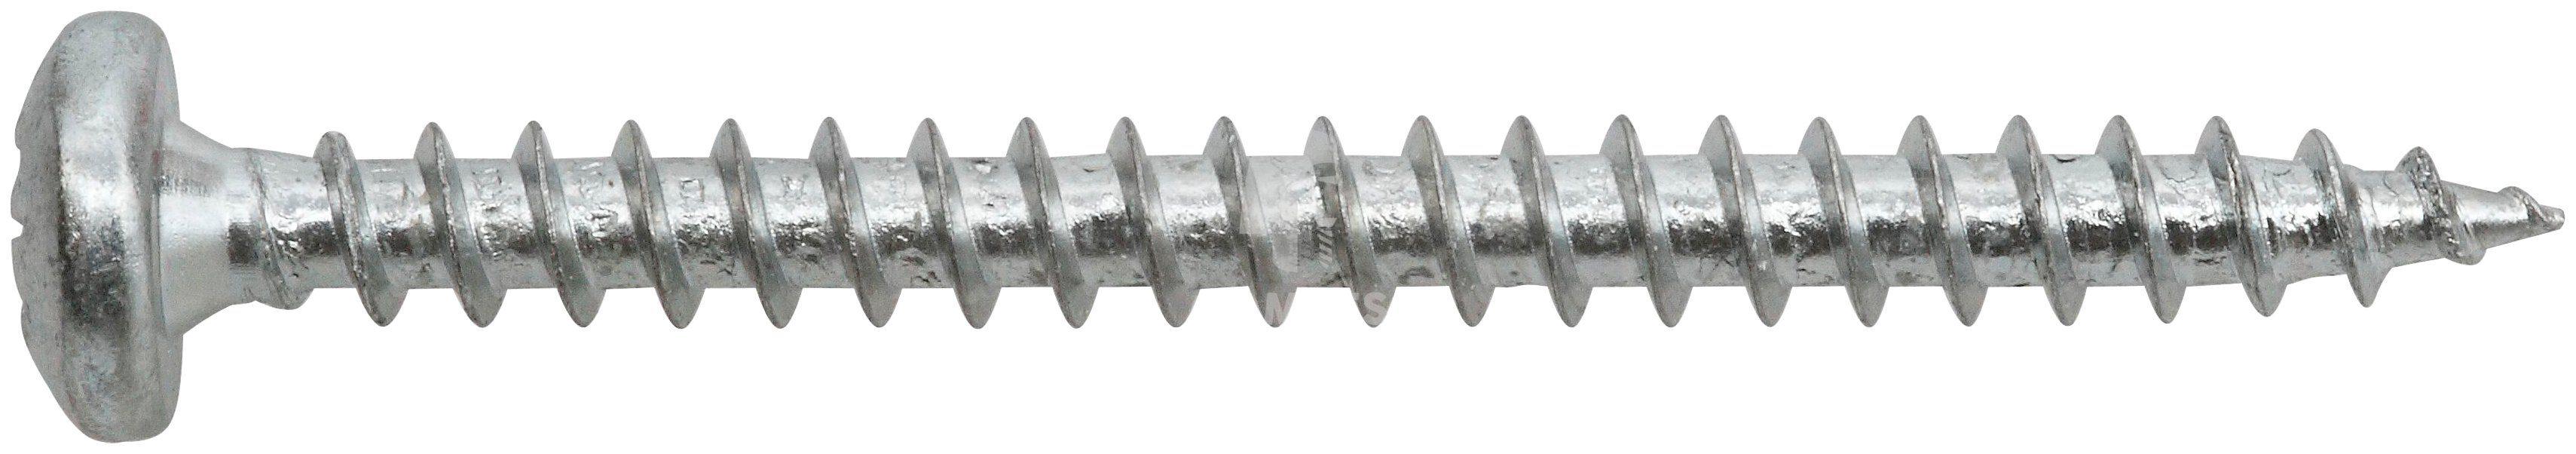 RAMSES Schrauben , Spanplattenschraube 5 x 40 mm PZ2 50 Stk.